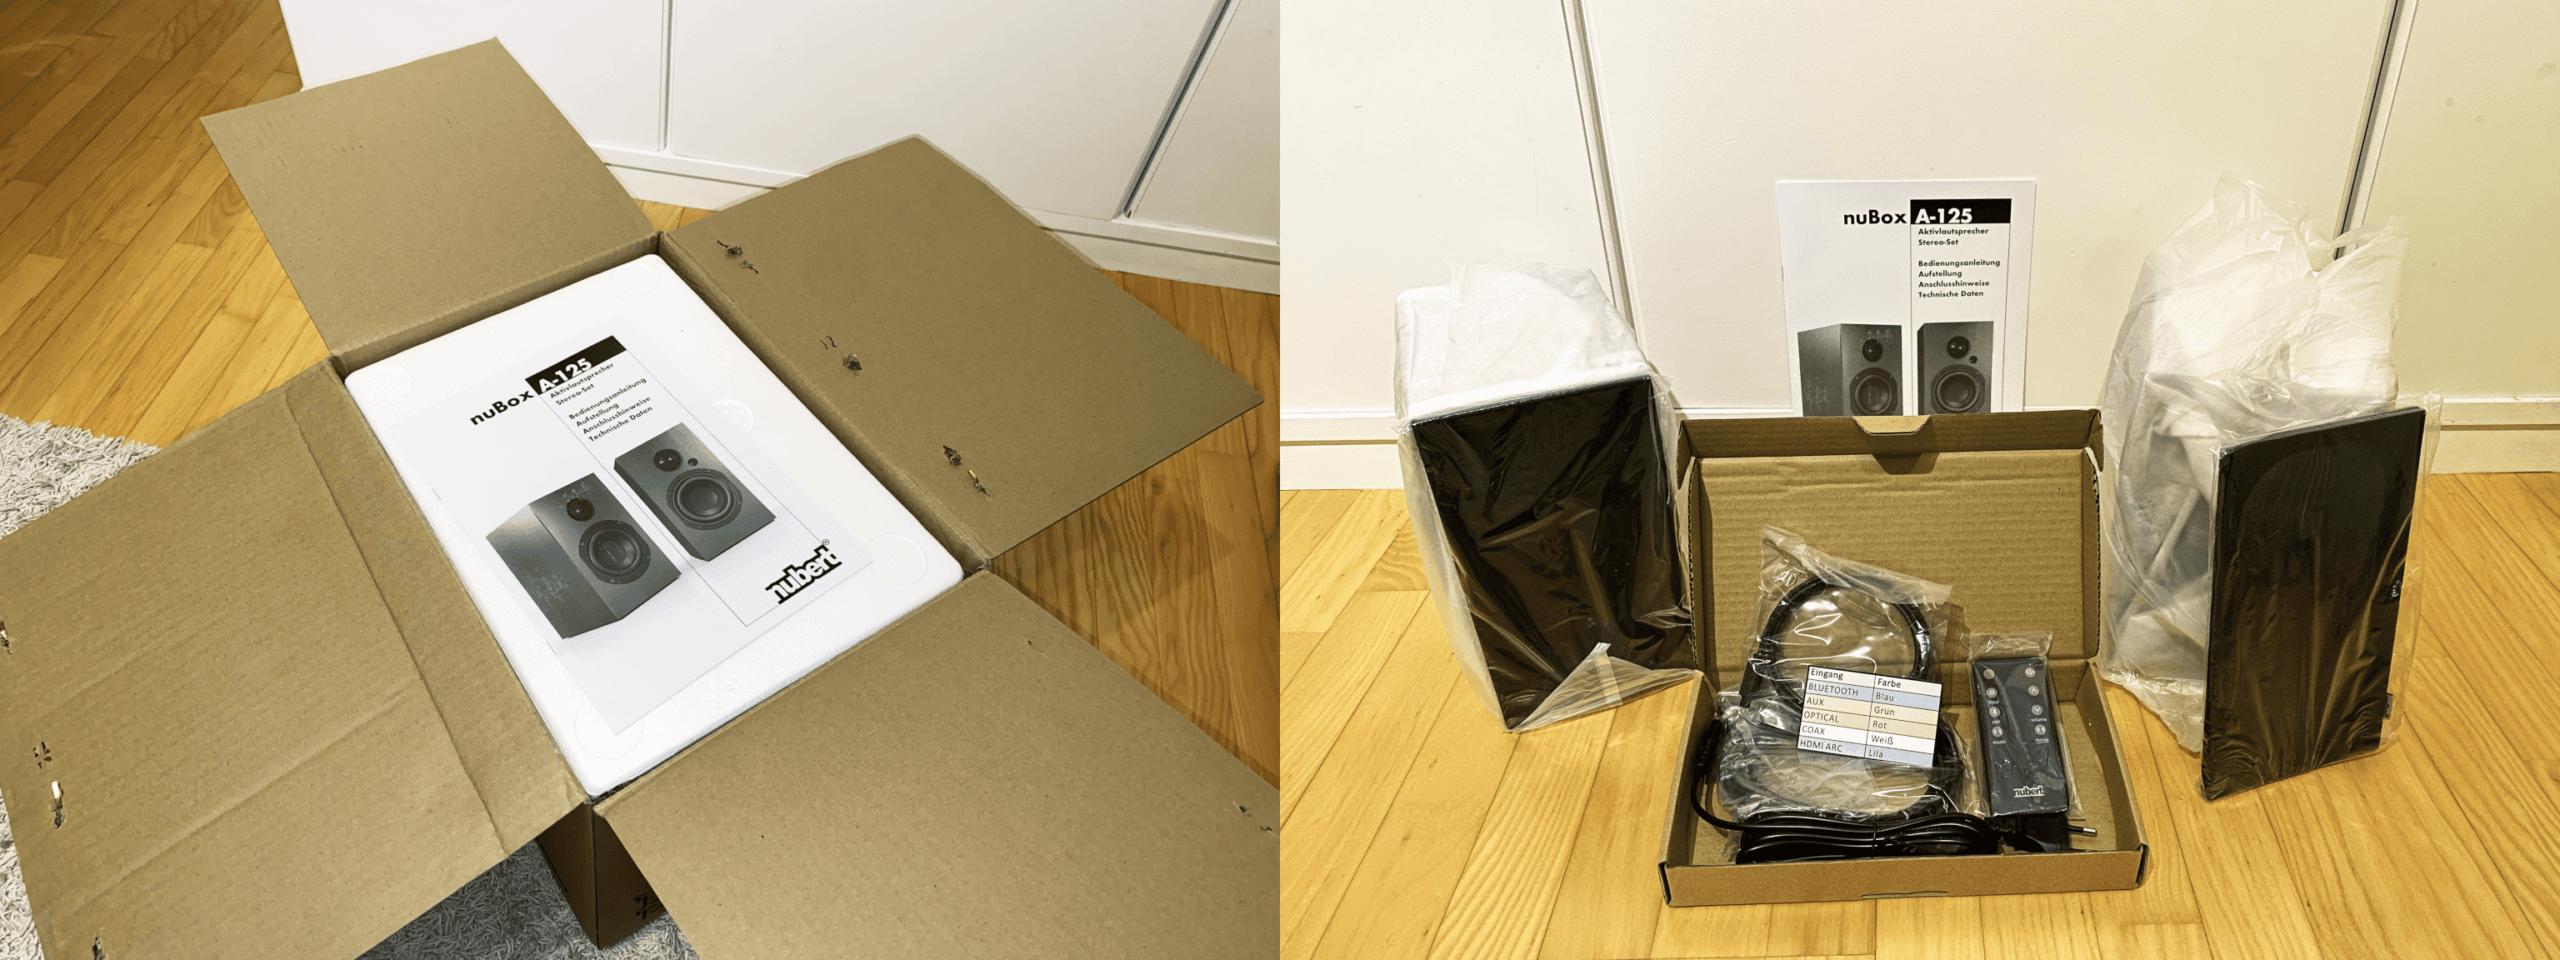 Versandbox und Lieferumfang der nuBox A-125